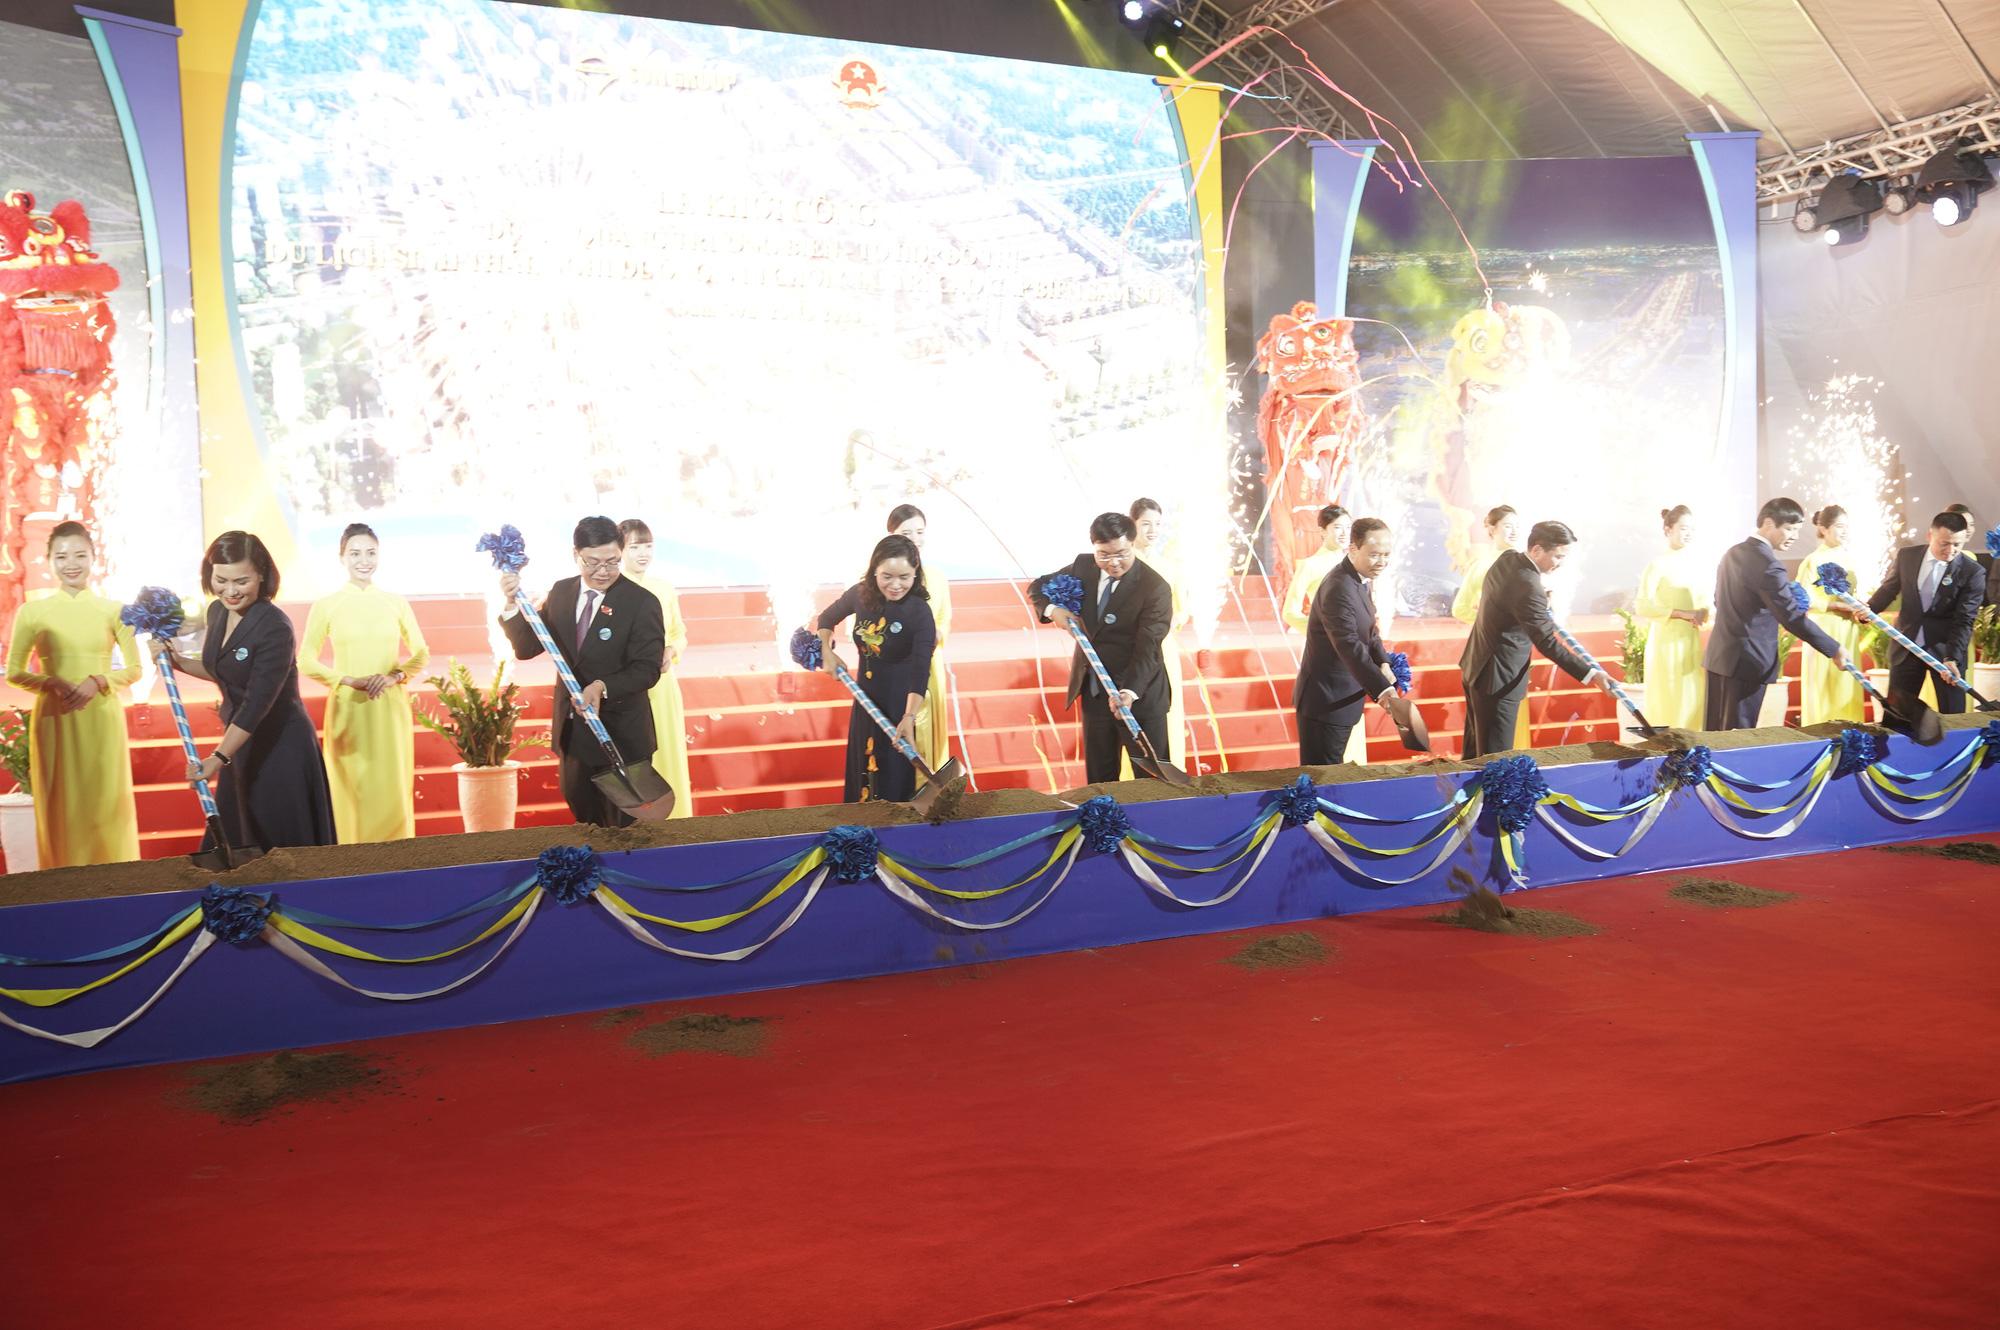 Tập đoàn Sun Group khởi công dự án tỷ USD tại Thanh Hóa - Ảnh 2.